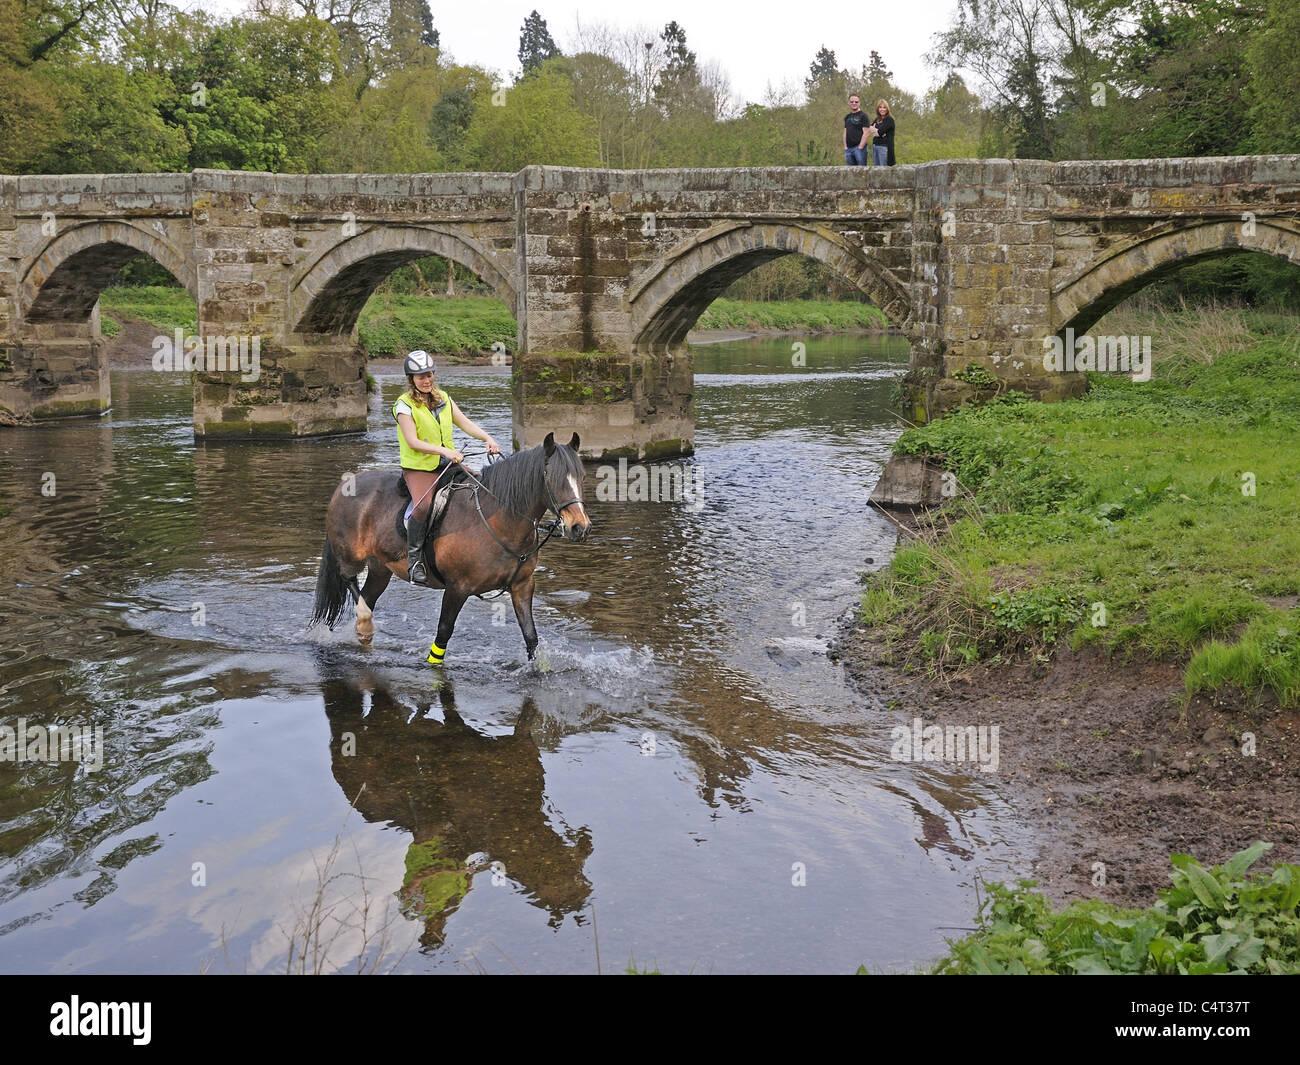 Señora jinete vadear el río Trent con Essex Packhorse Bridge en el fondo cerca de Great Haywood Staffordshire Imagen De Stock